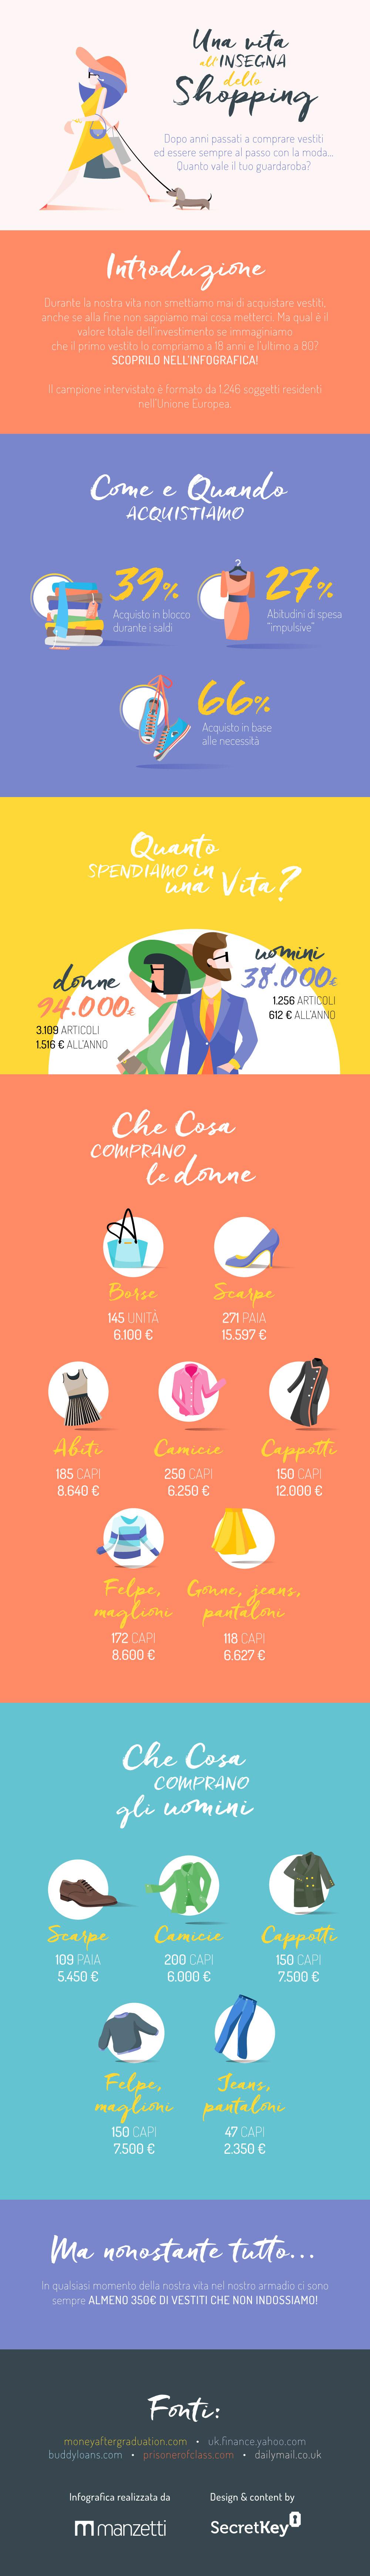 Una vita allinsegna dello shopping - Quanto vale il tuo guardaroba dopo una vita passata a fare shopping?